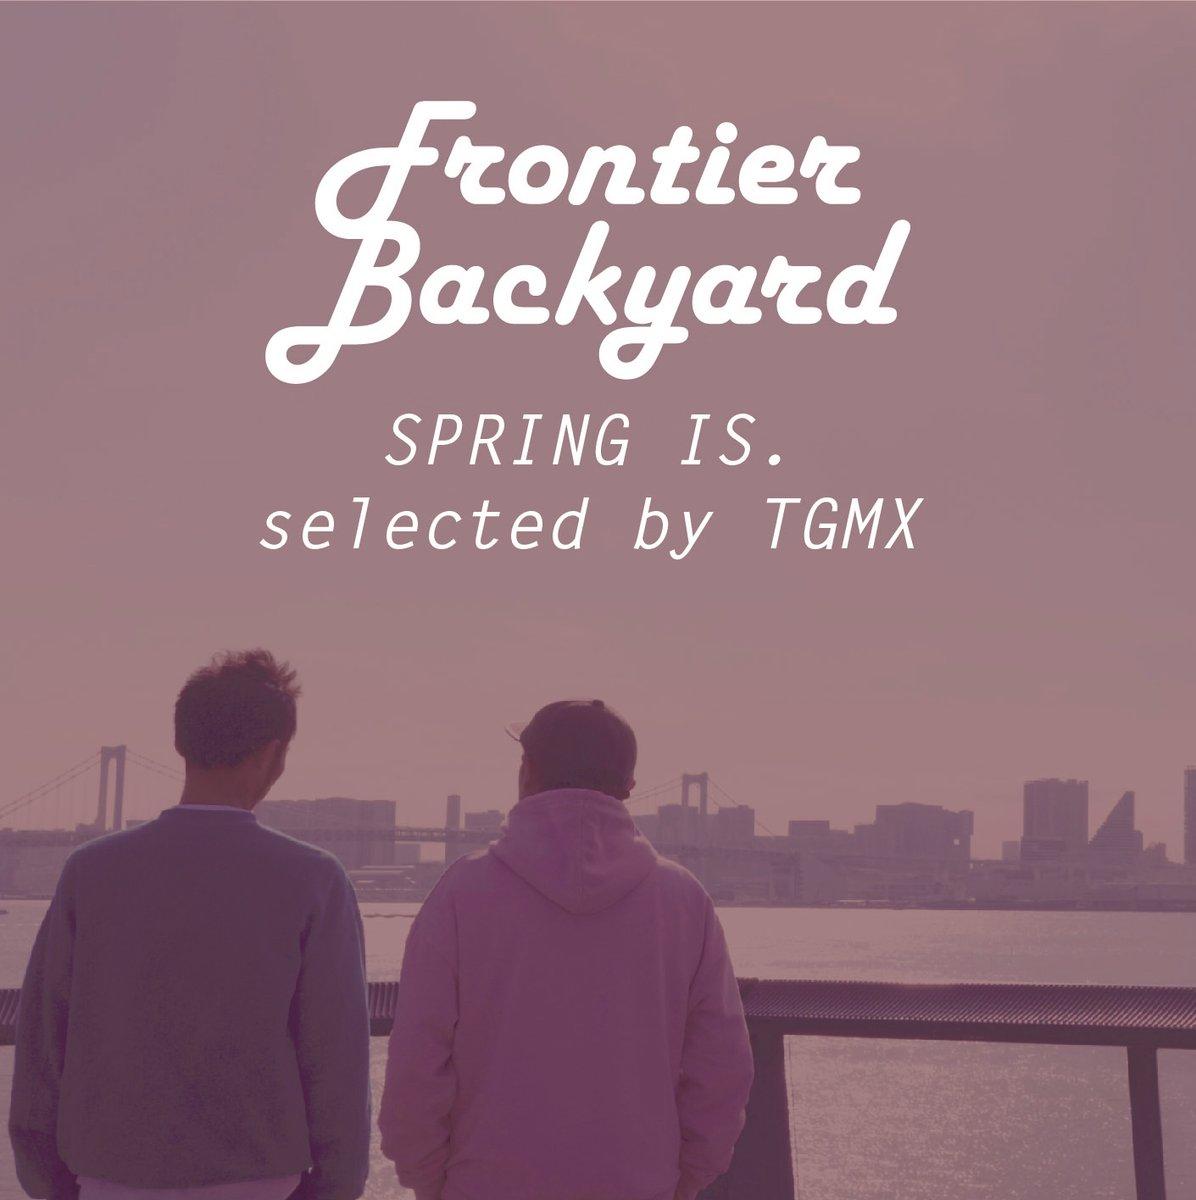 【 FRONTIER BACKYARD 】「small talk」の配信開始に合わせて、TGMXの創作意欲をかきたてられた楽曲達を集めたプレイリストが、  @SpotifyJP  にて公開となりました。新曲と一緒に聞いてみてください。#fby #frontierbackyard #Spotify #SPOTIFYPLAYLIST